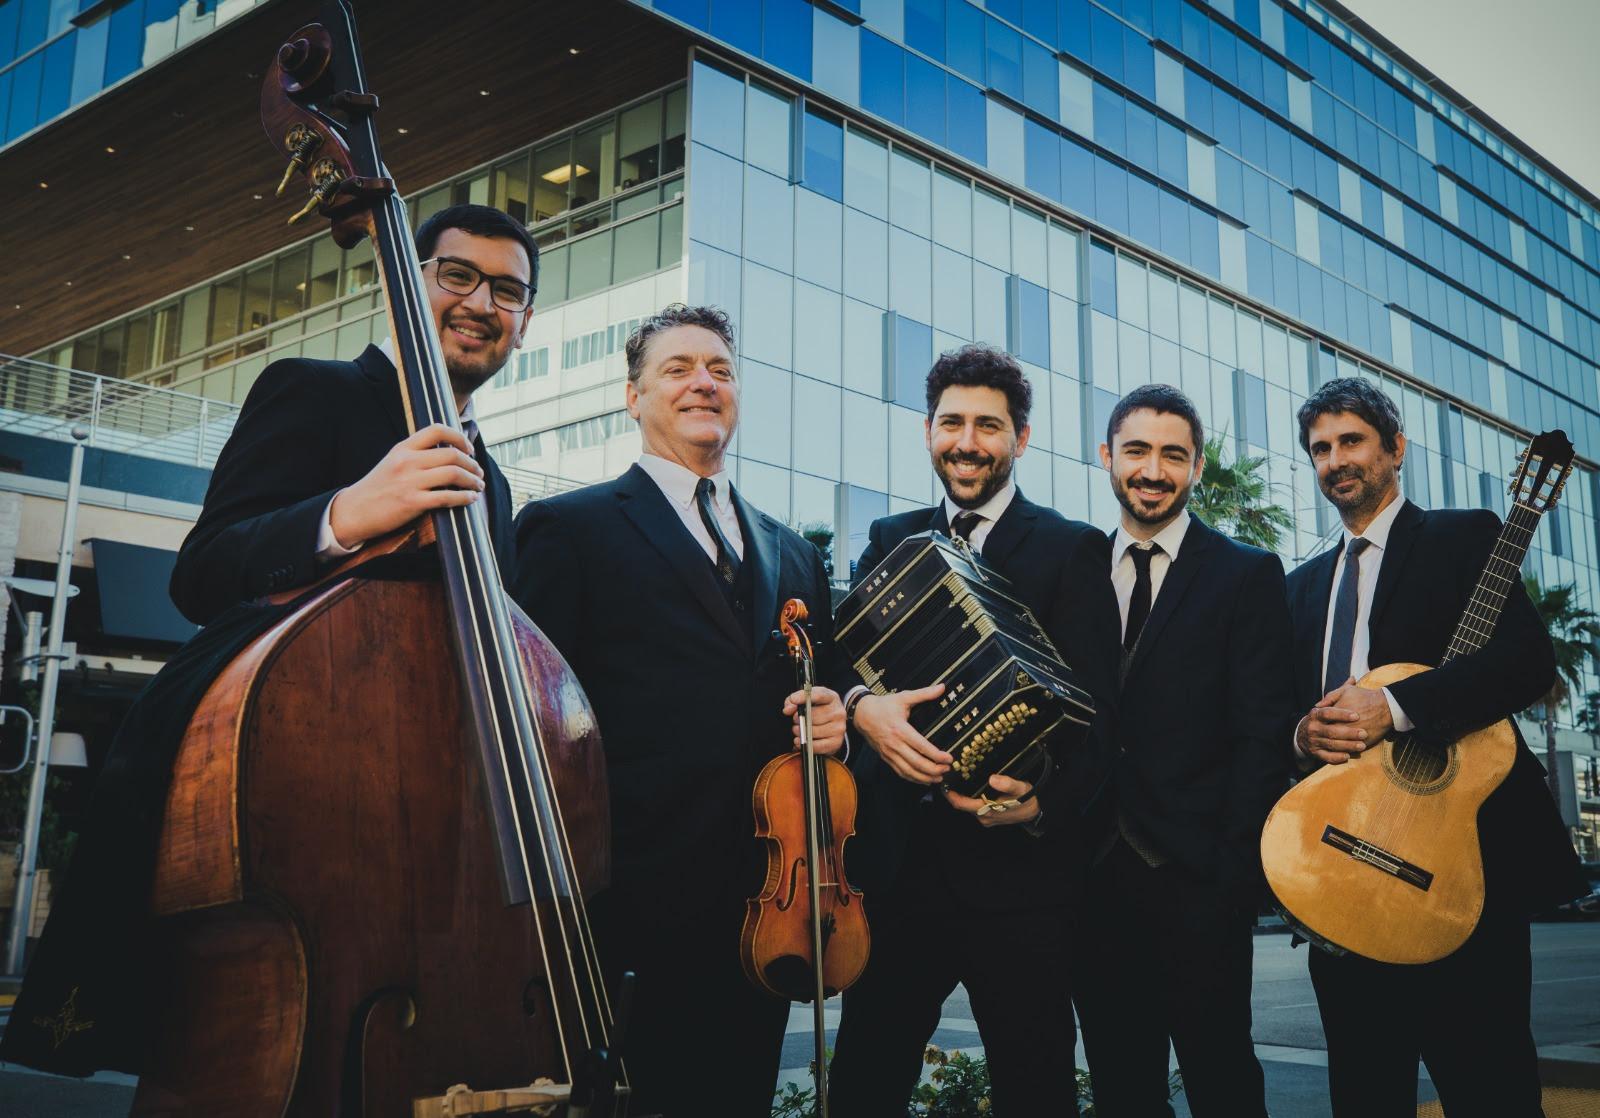 En el mes del centenario de Piazzola, Mariano Dugatkin presenta su homenaje al maestro.